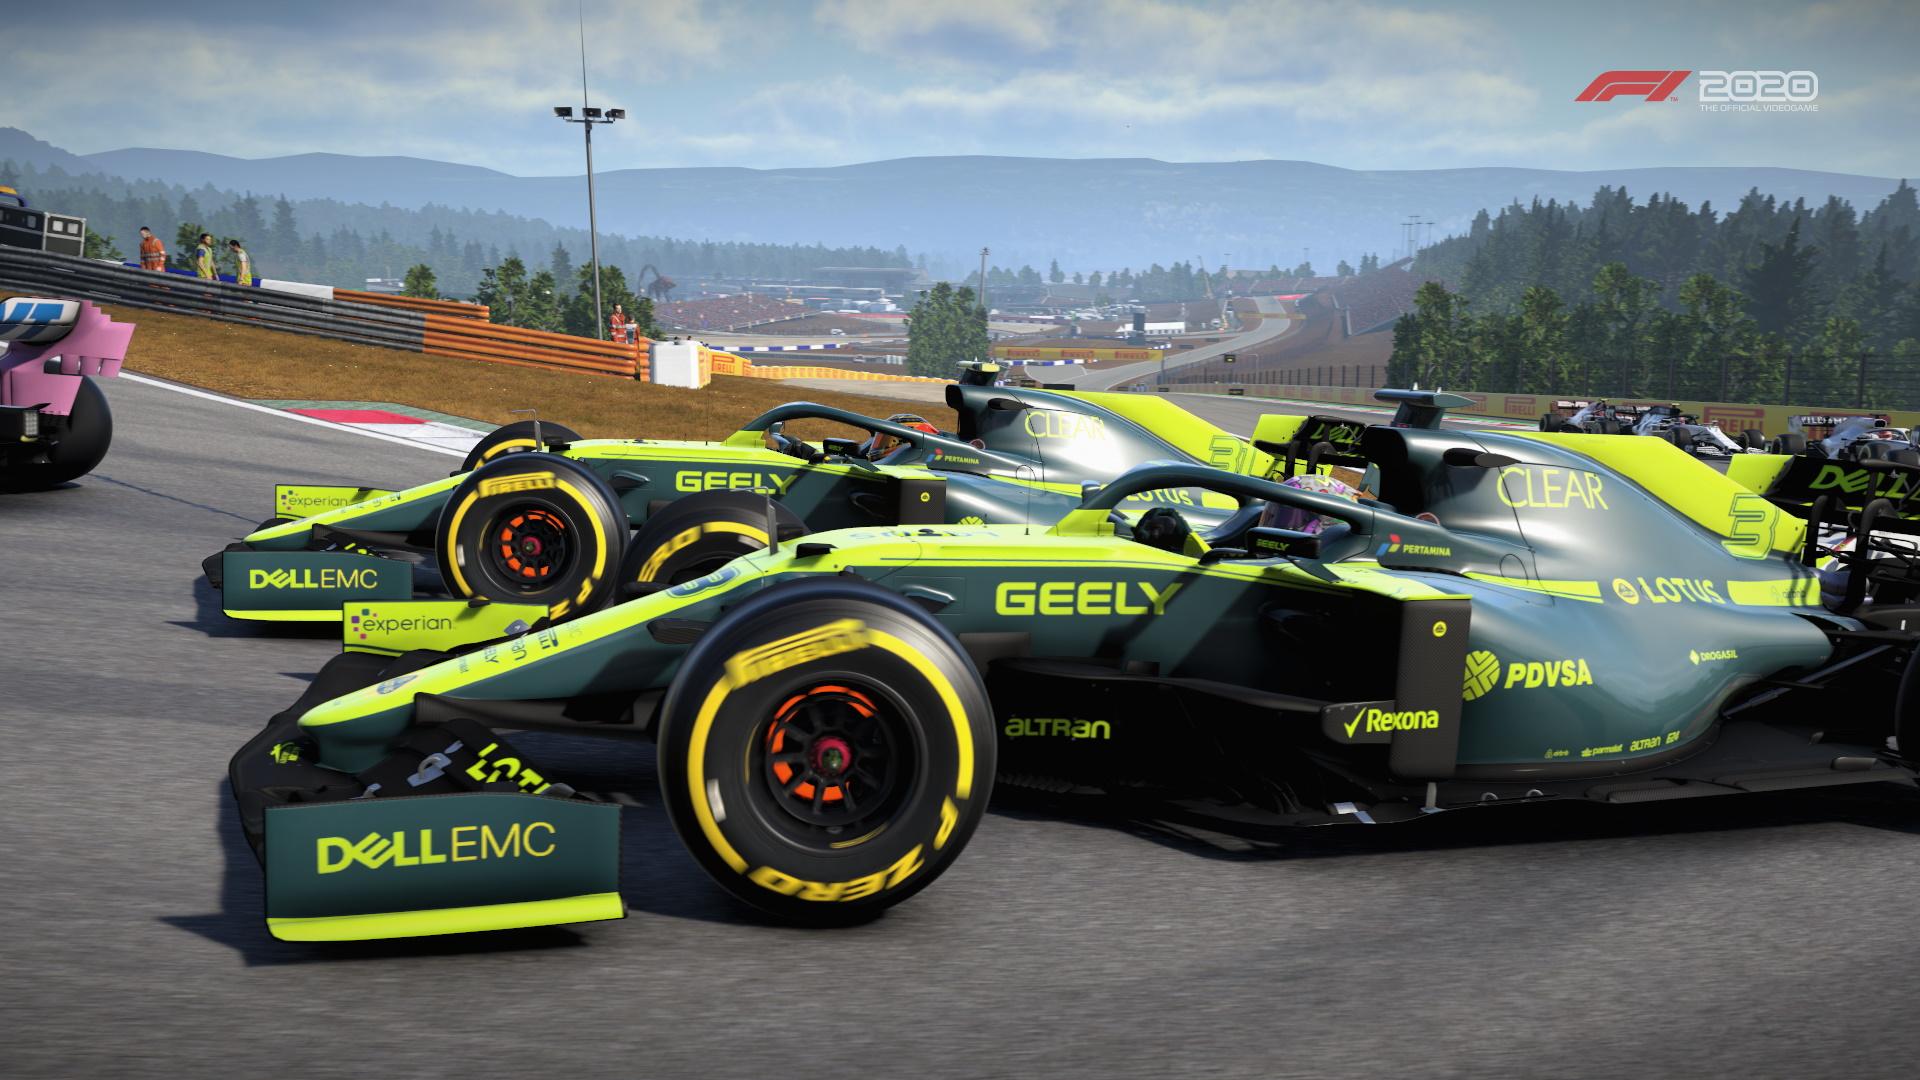 F1 2020 Screenshot 2021.06.24 - 20.19.24.38.jpg